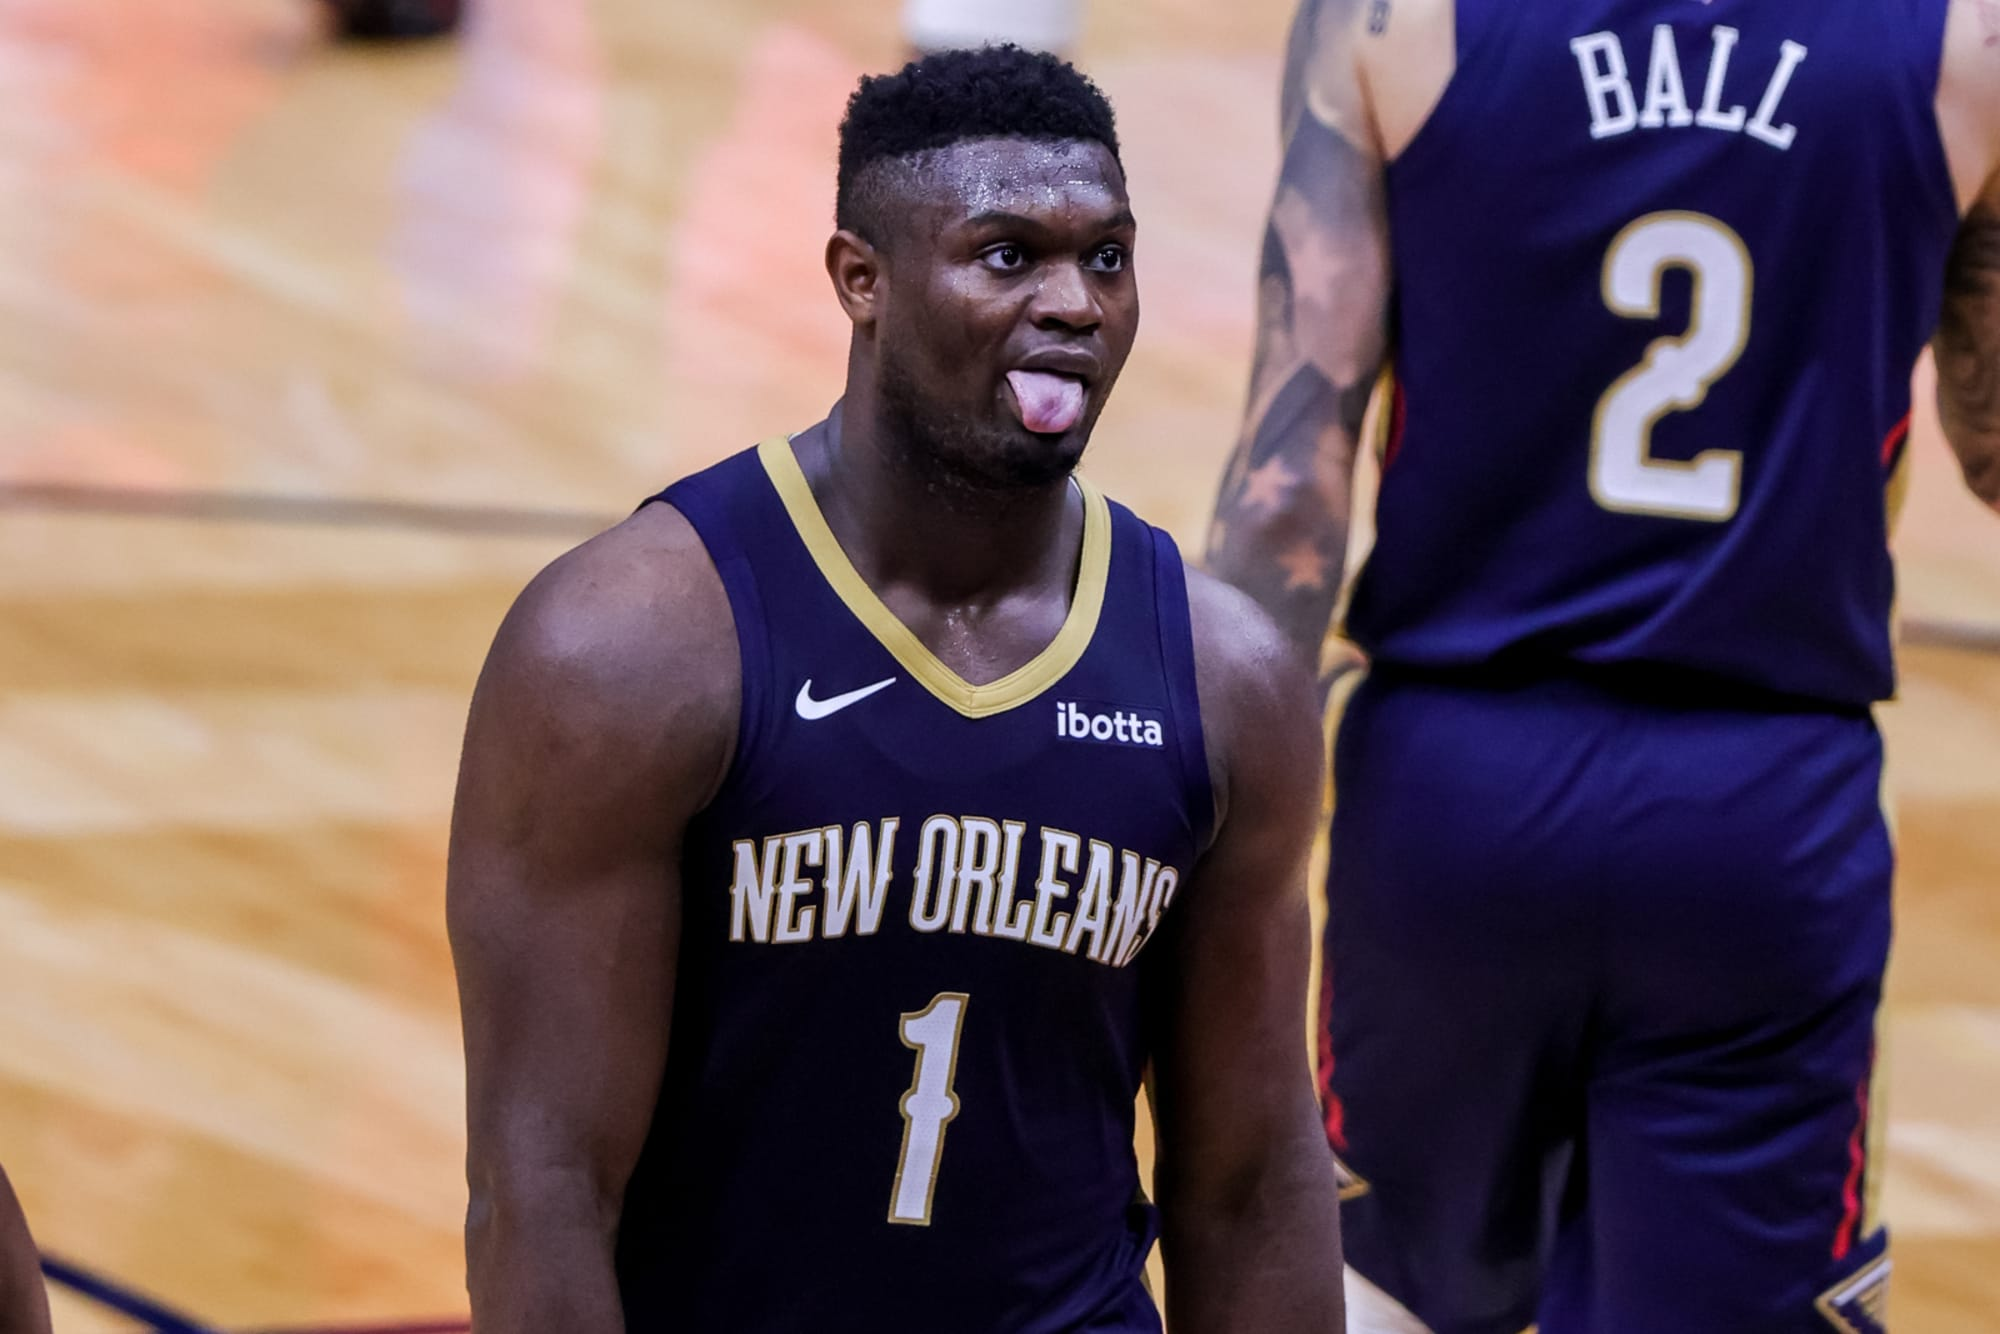 Will Zion Williamson compete in the dunk contest?